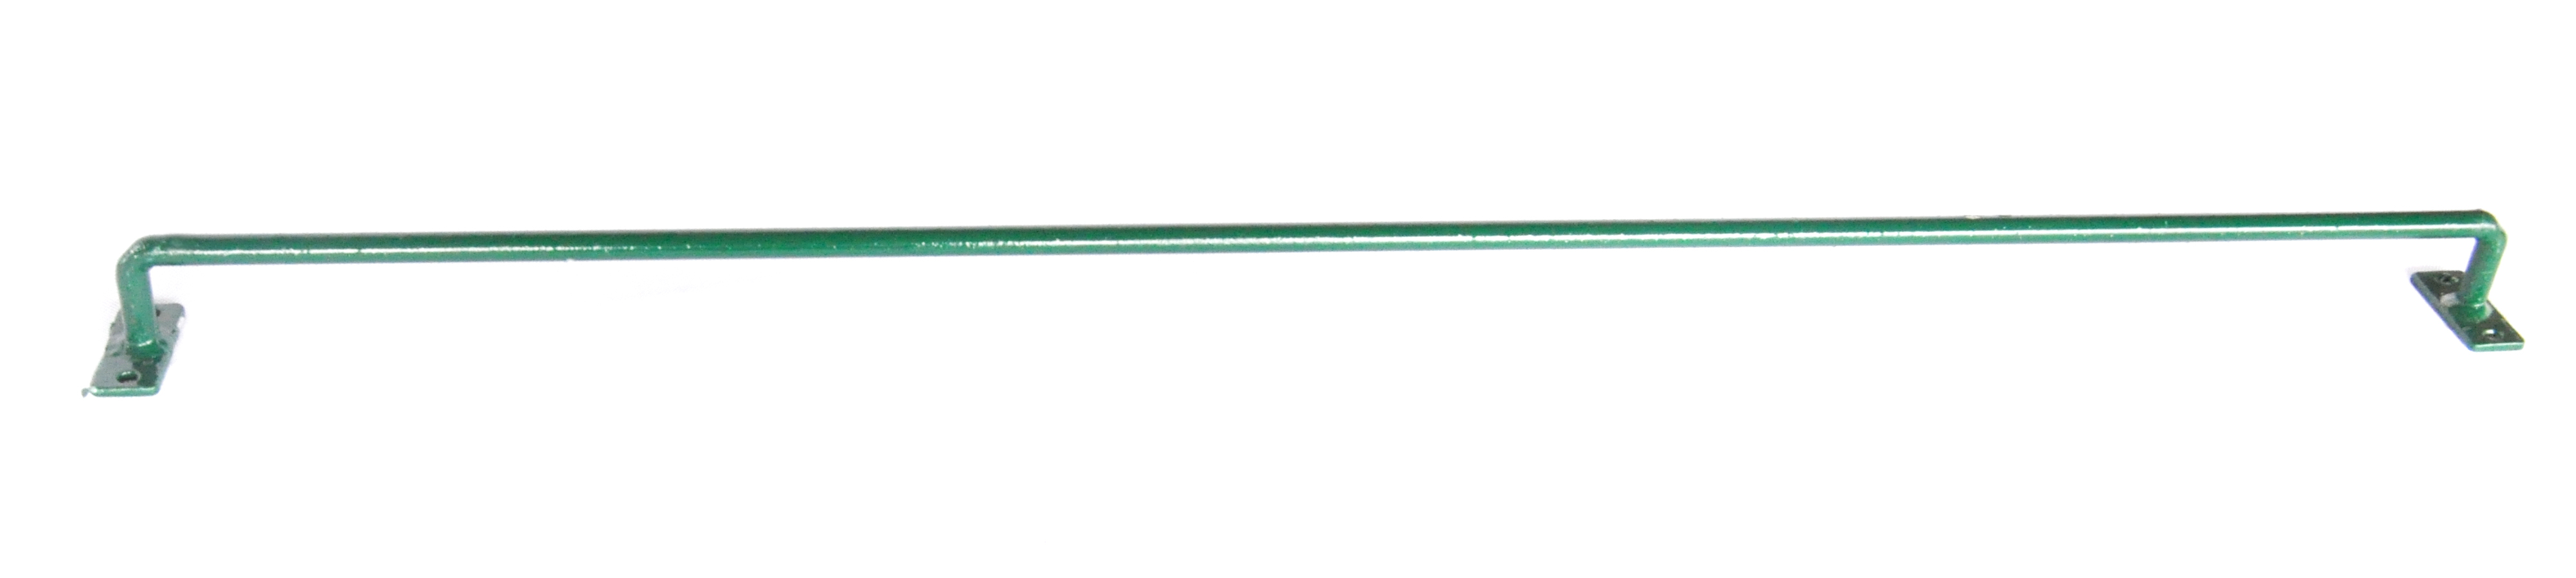 Konzole na zeď SUPER 100 cm, průměr 12 mm, zelená